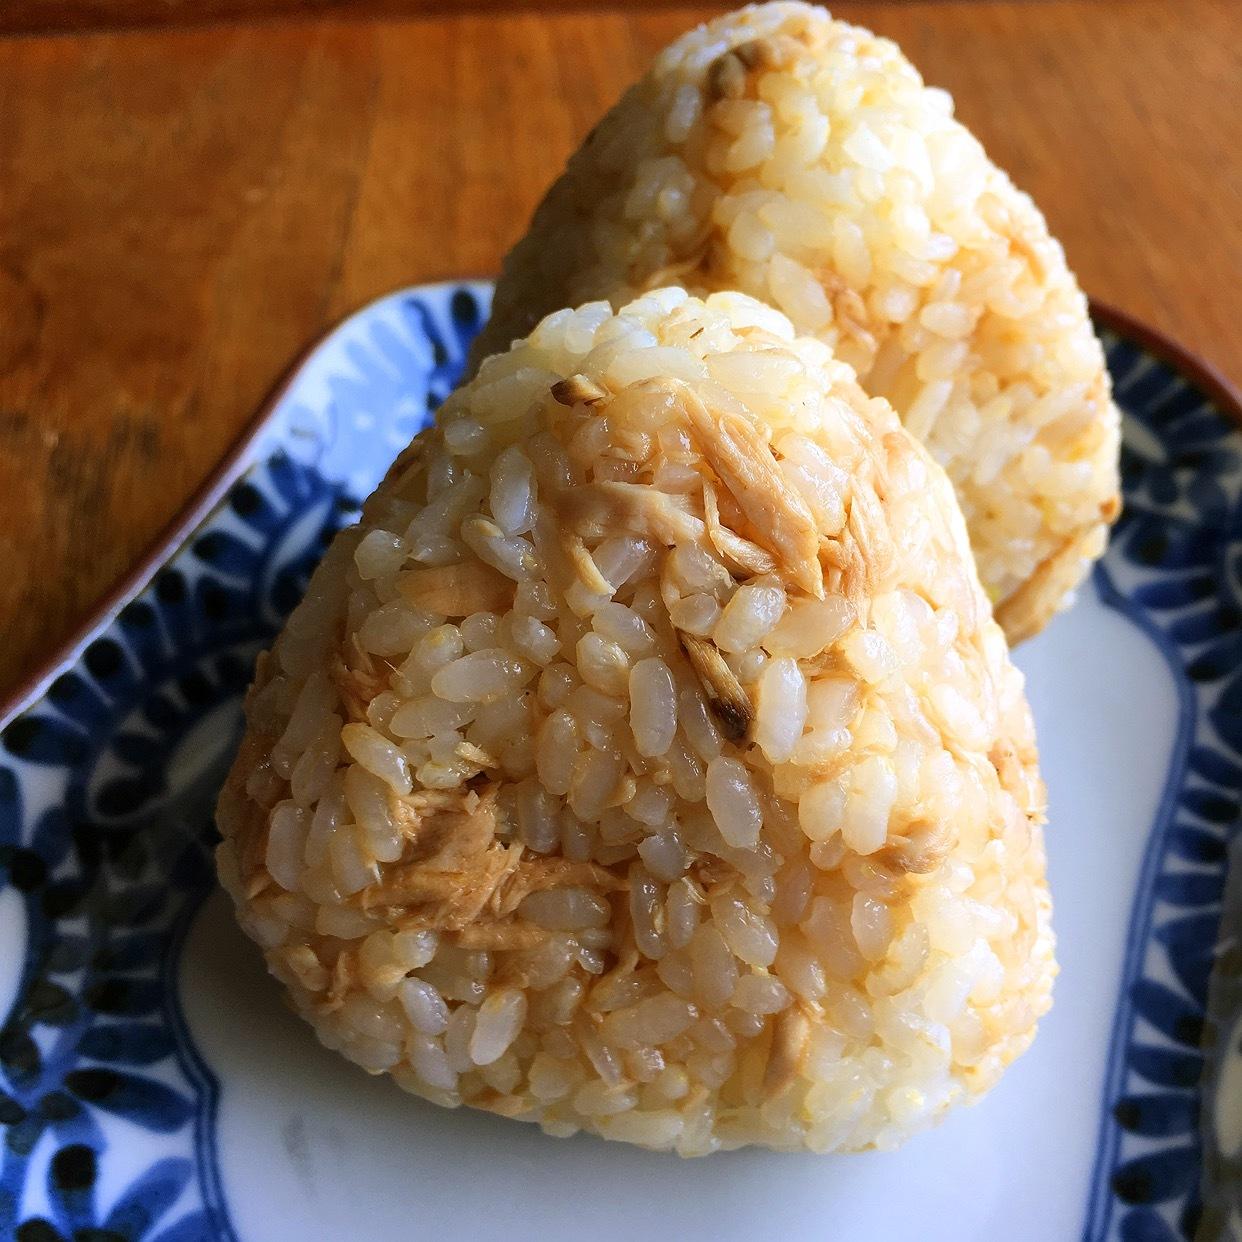 【春休みのお昼ごはん】魚で作るそぼろのおにぎり_e0345163_17133973.jpg